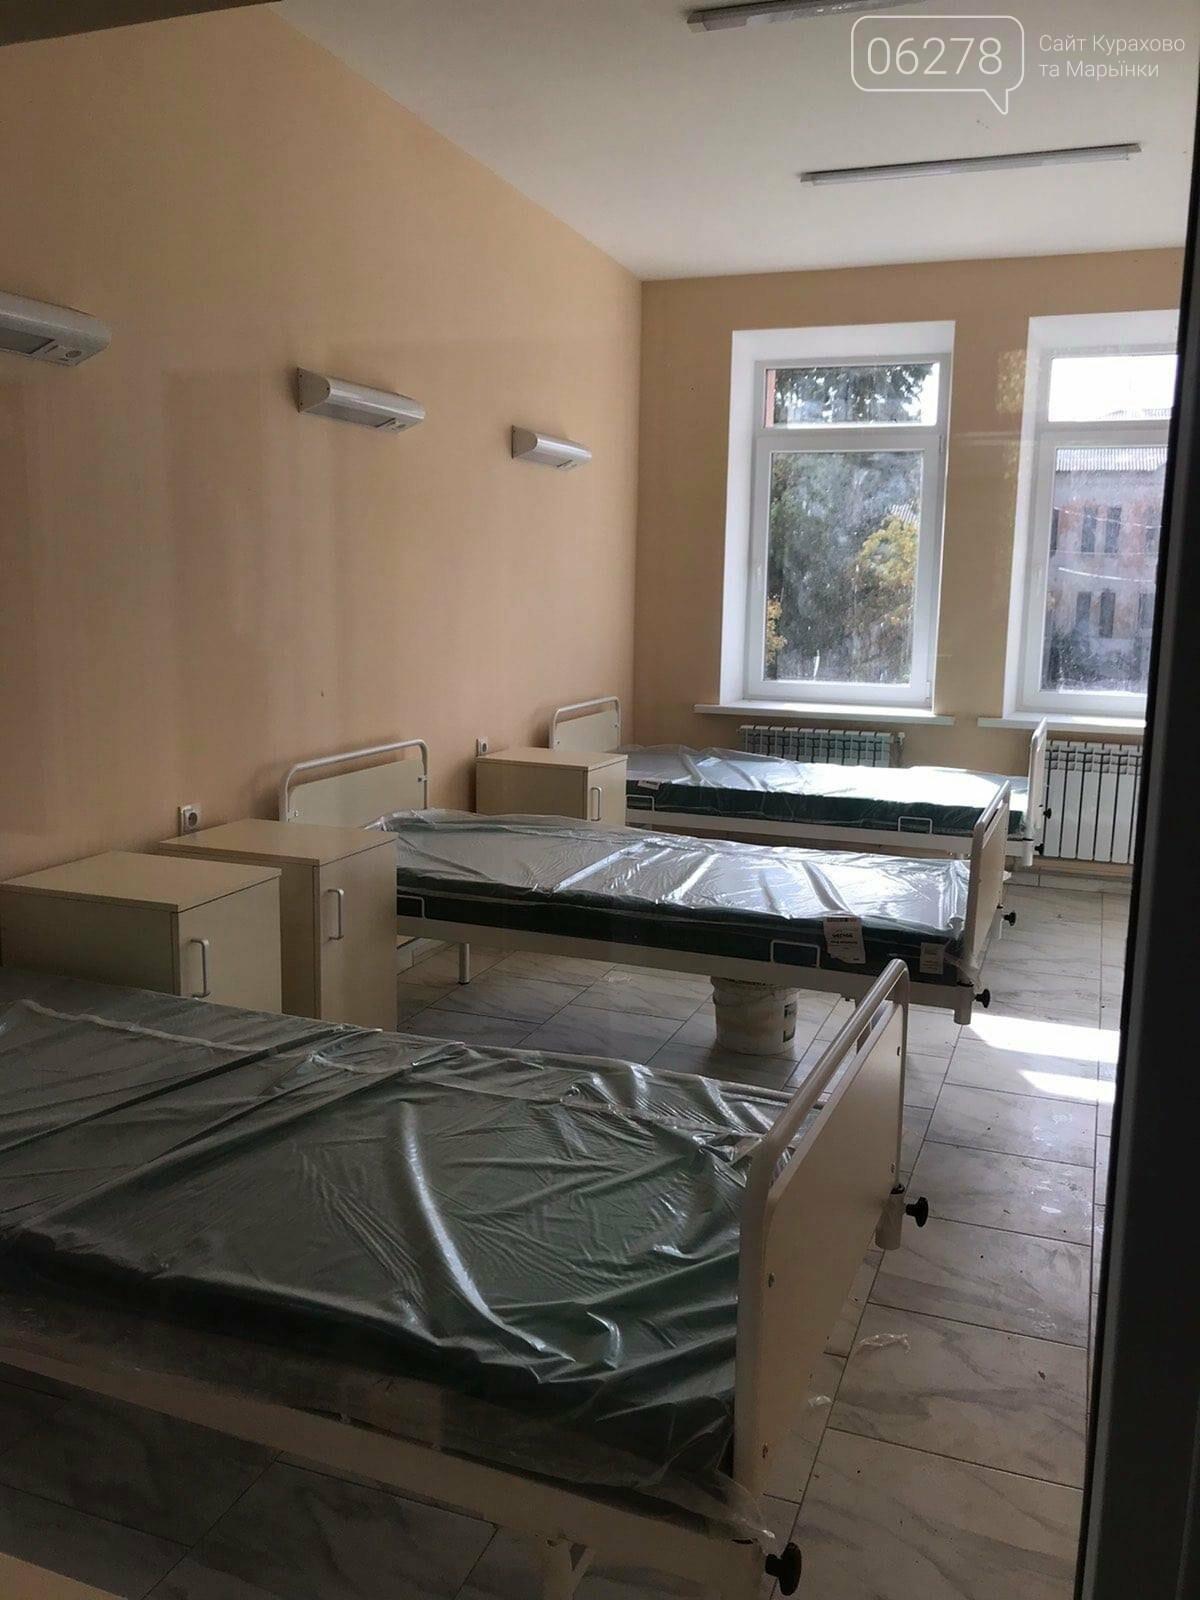 Новое инфекционное отделение отдали в эксплуатацию!, фото-1